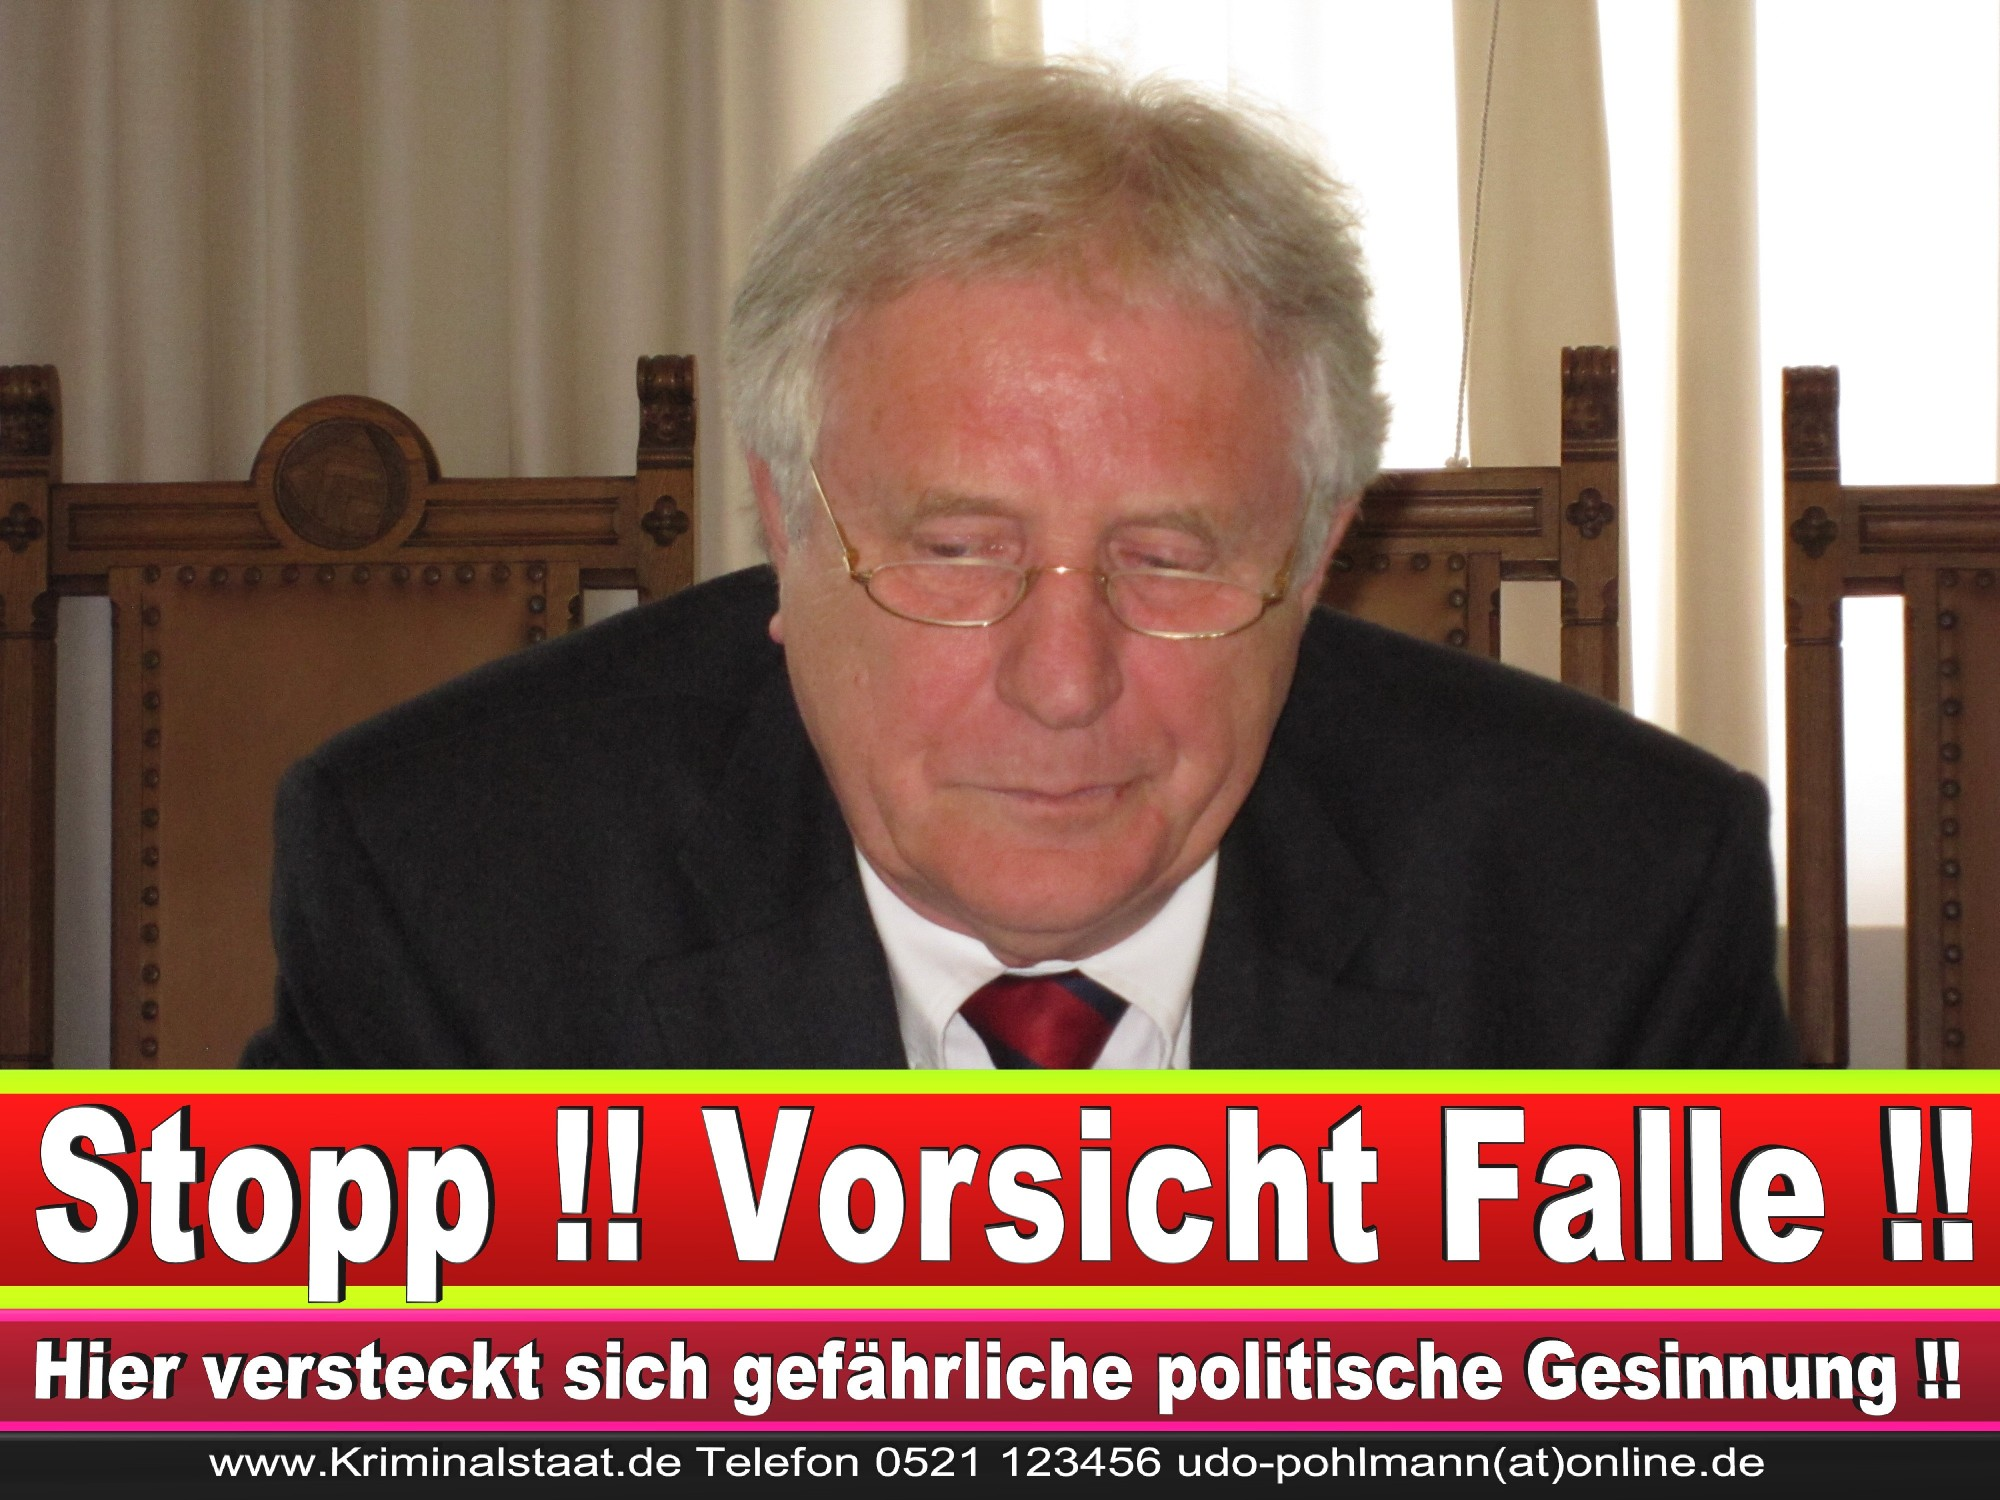 Polizeipräsident Erwin Südfeld Bielefeld Oberbürgermeister Bürgermeister Peter Clausen Pit Clausen Bielefeld (3)